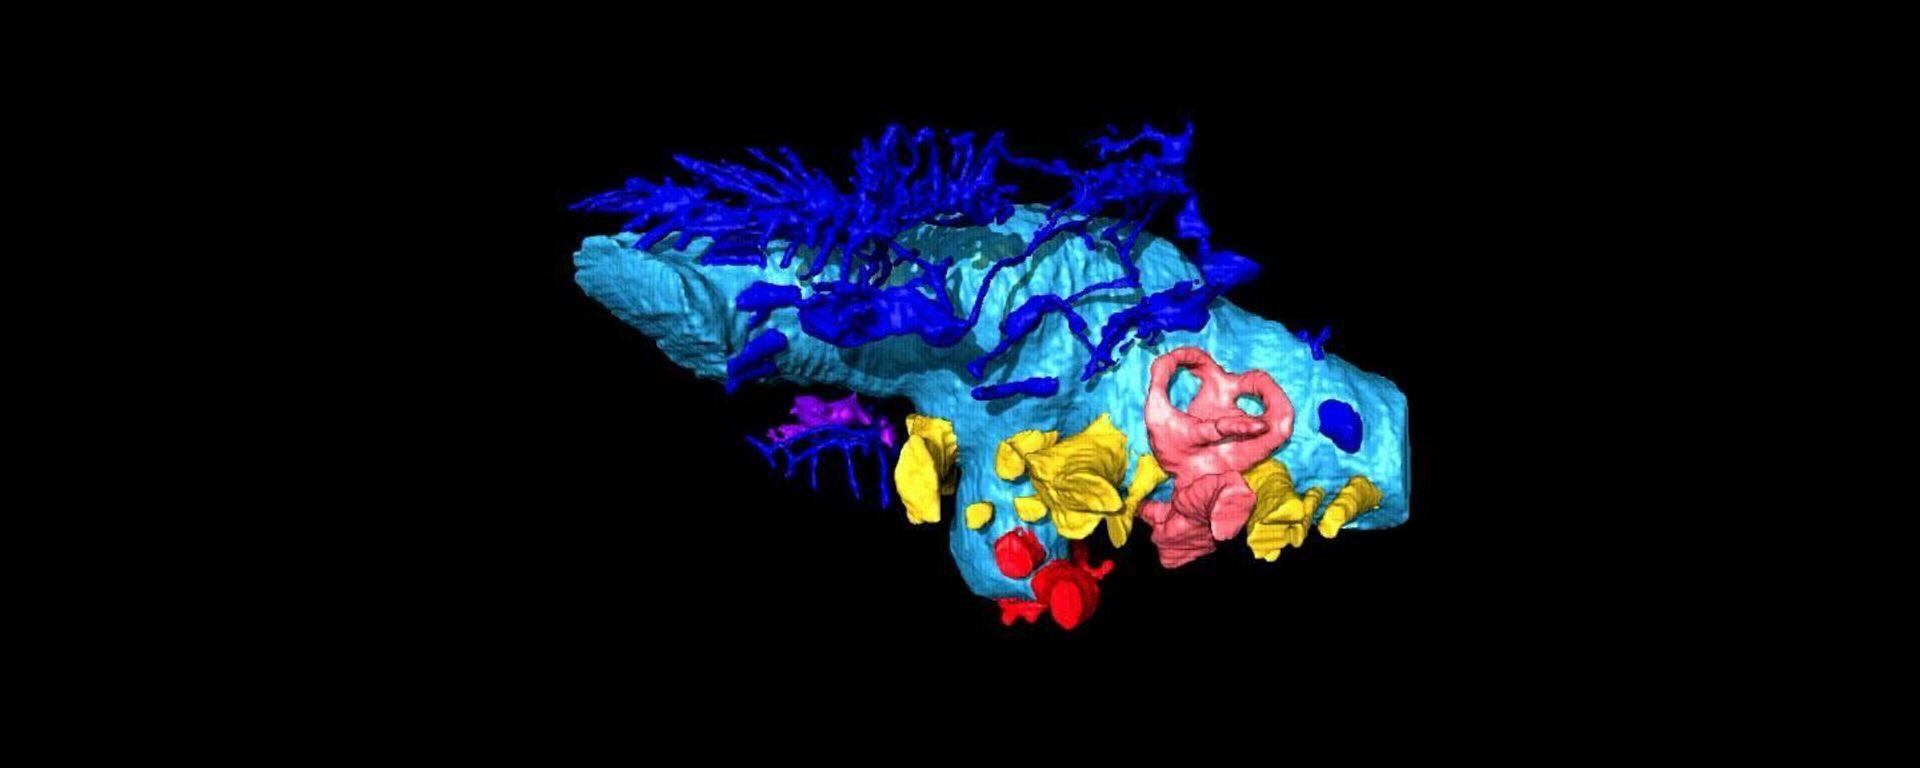 La ricostruzione virtuale 3D del cervello del dinosauro Bissektipelta archibaldi - Sputnik Italia, 1920, 07.06.2020